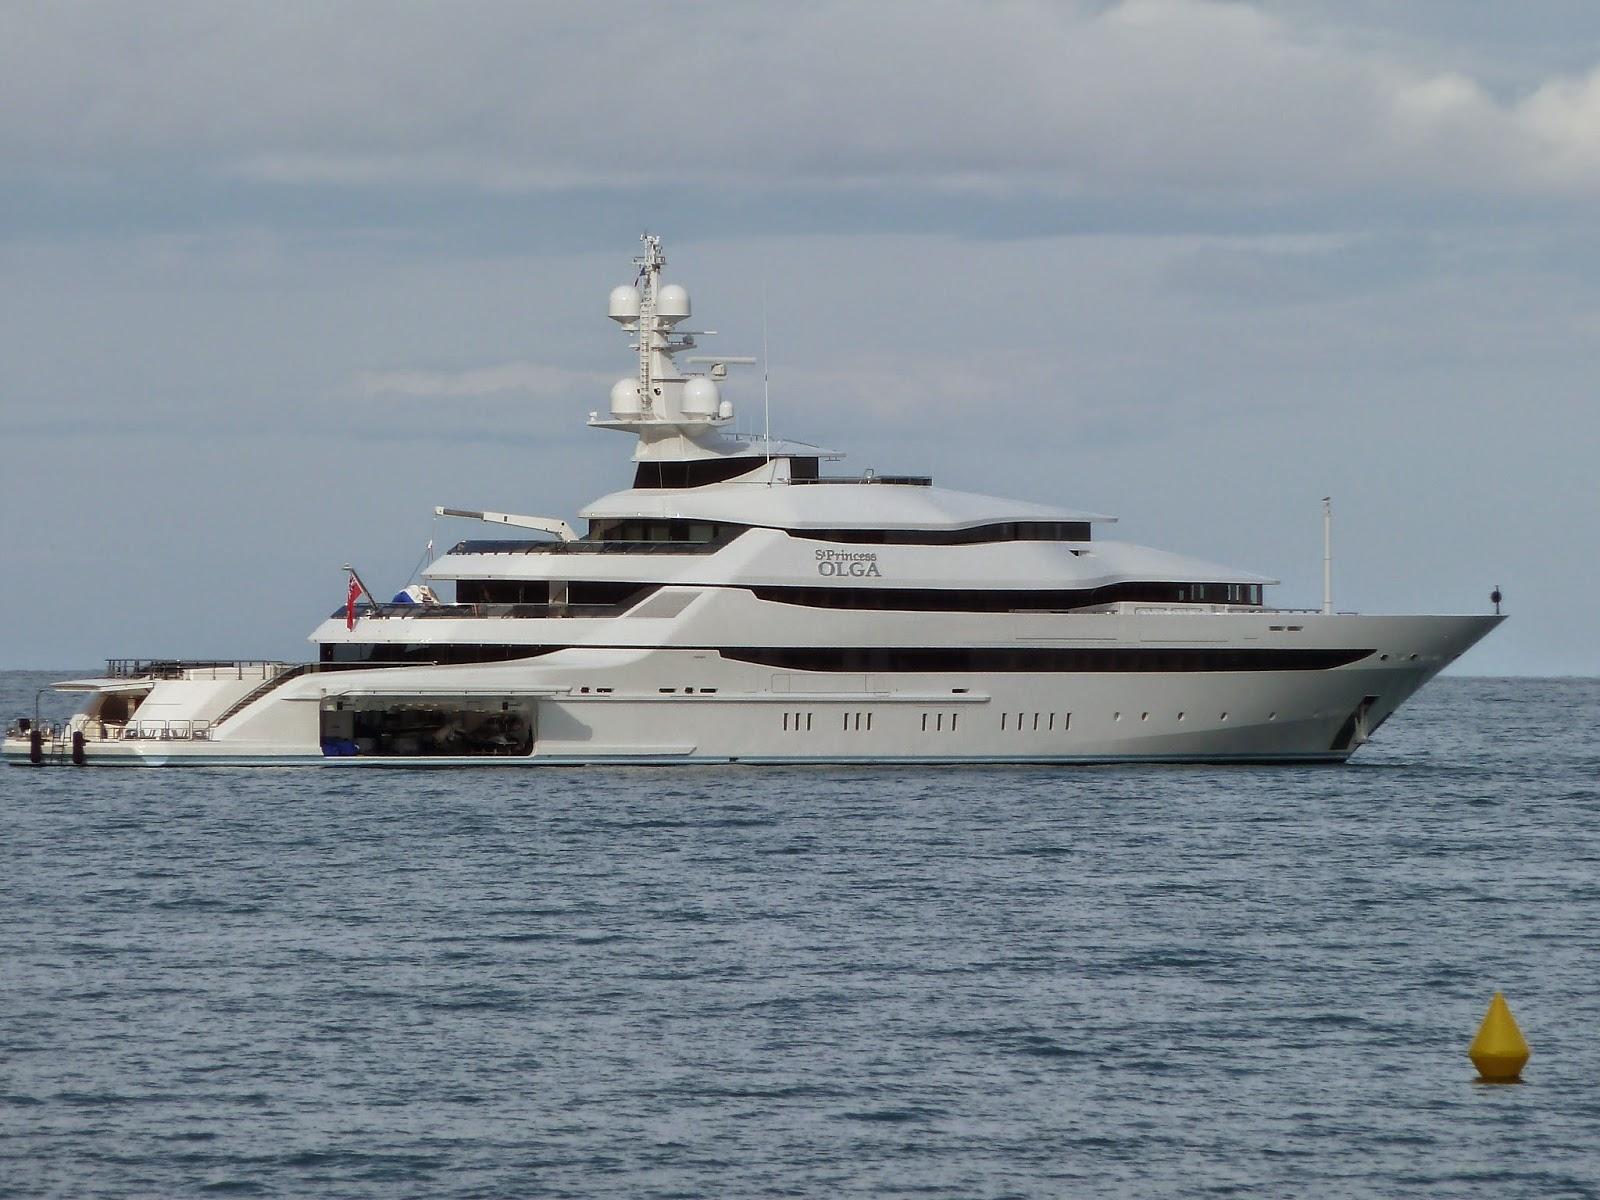 Megayacht ST. PRINCESS OLGA